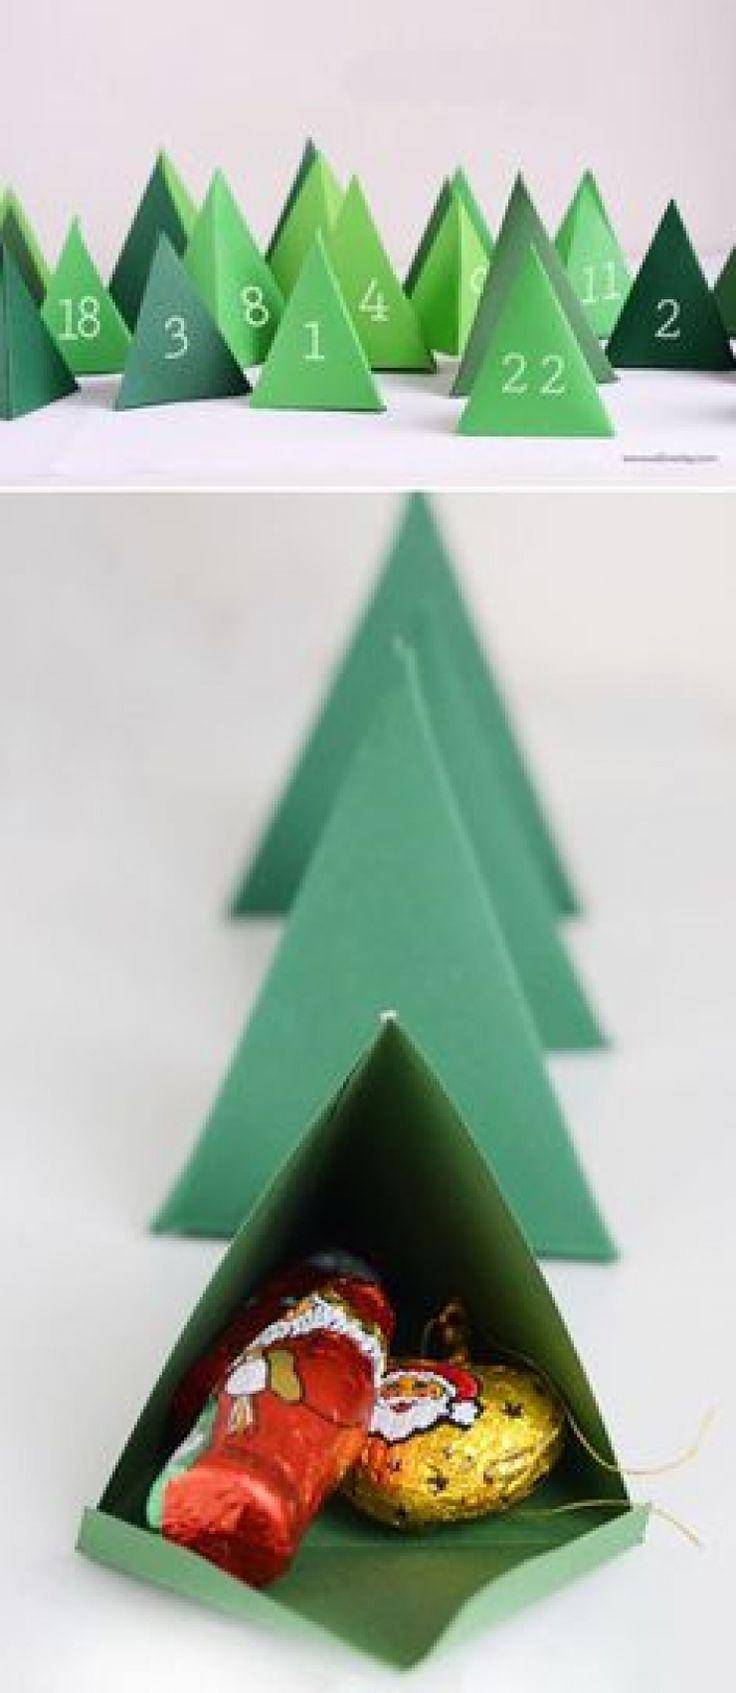 Il n'est jamais trop tôt pour préparer les fêtes de Noël… Faites le plein de créativité avec ces 50 réalisations ! De quoi épater tous vos voisins… Source : espacebuzz Ajoutez un commentaire commentaire(s)